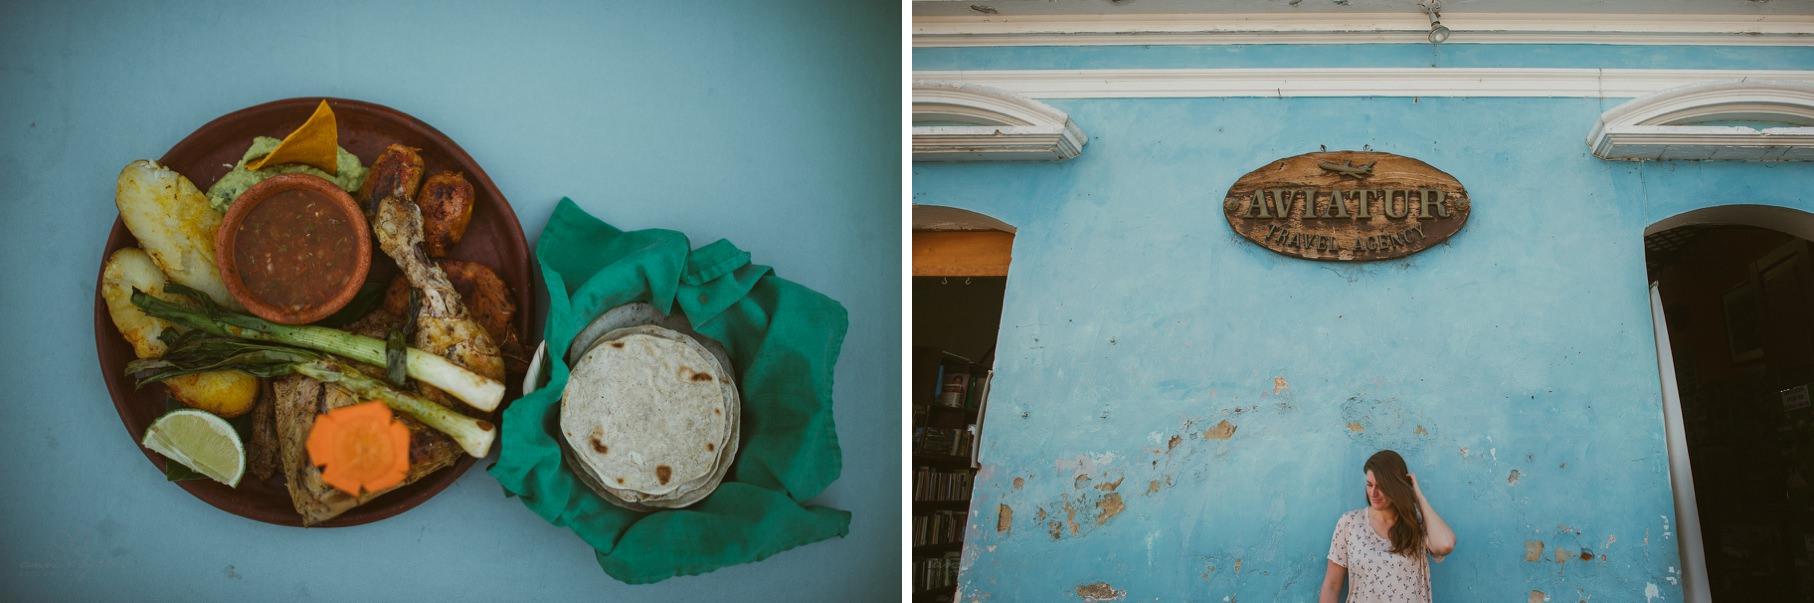 0014 anne und bjoern guatemala 811 2417 - 4 Wochen durch Guatemala - backpacking durch Mittelamerika